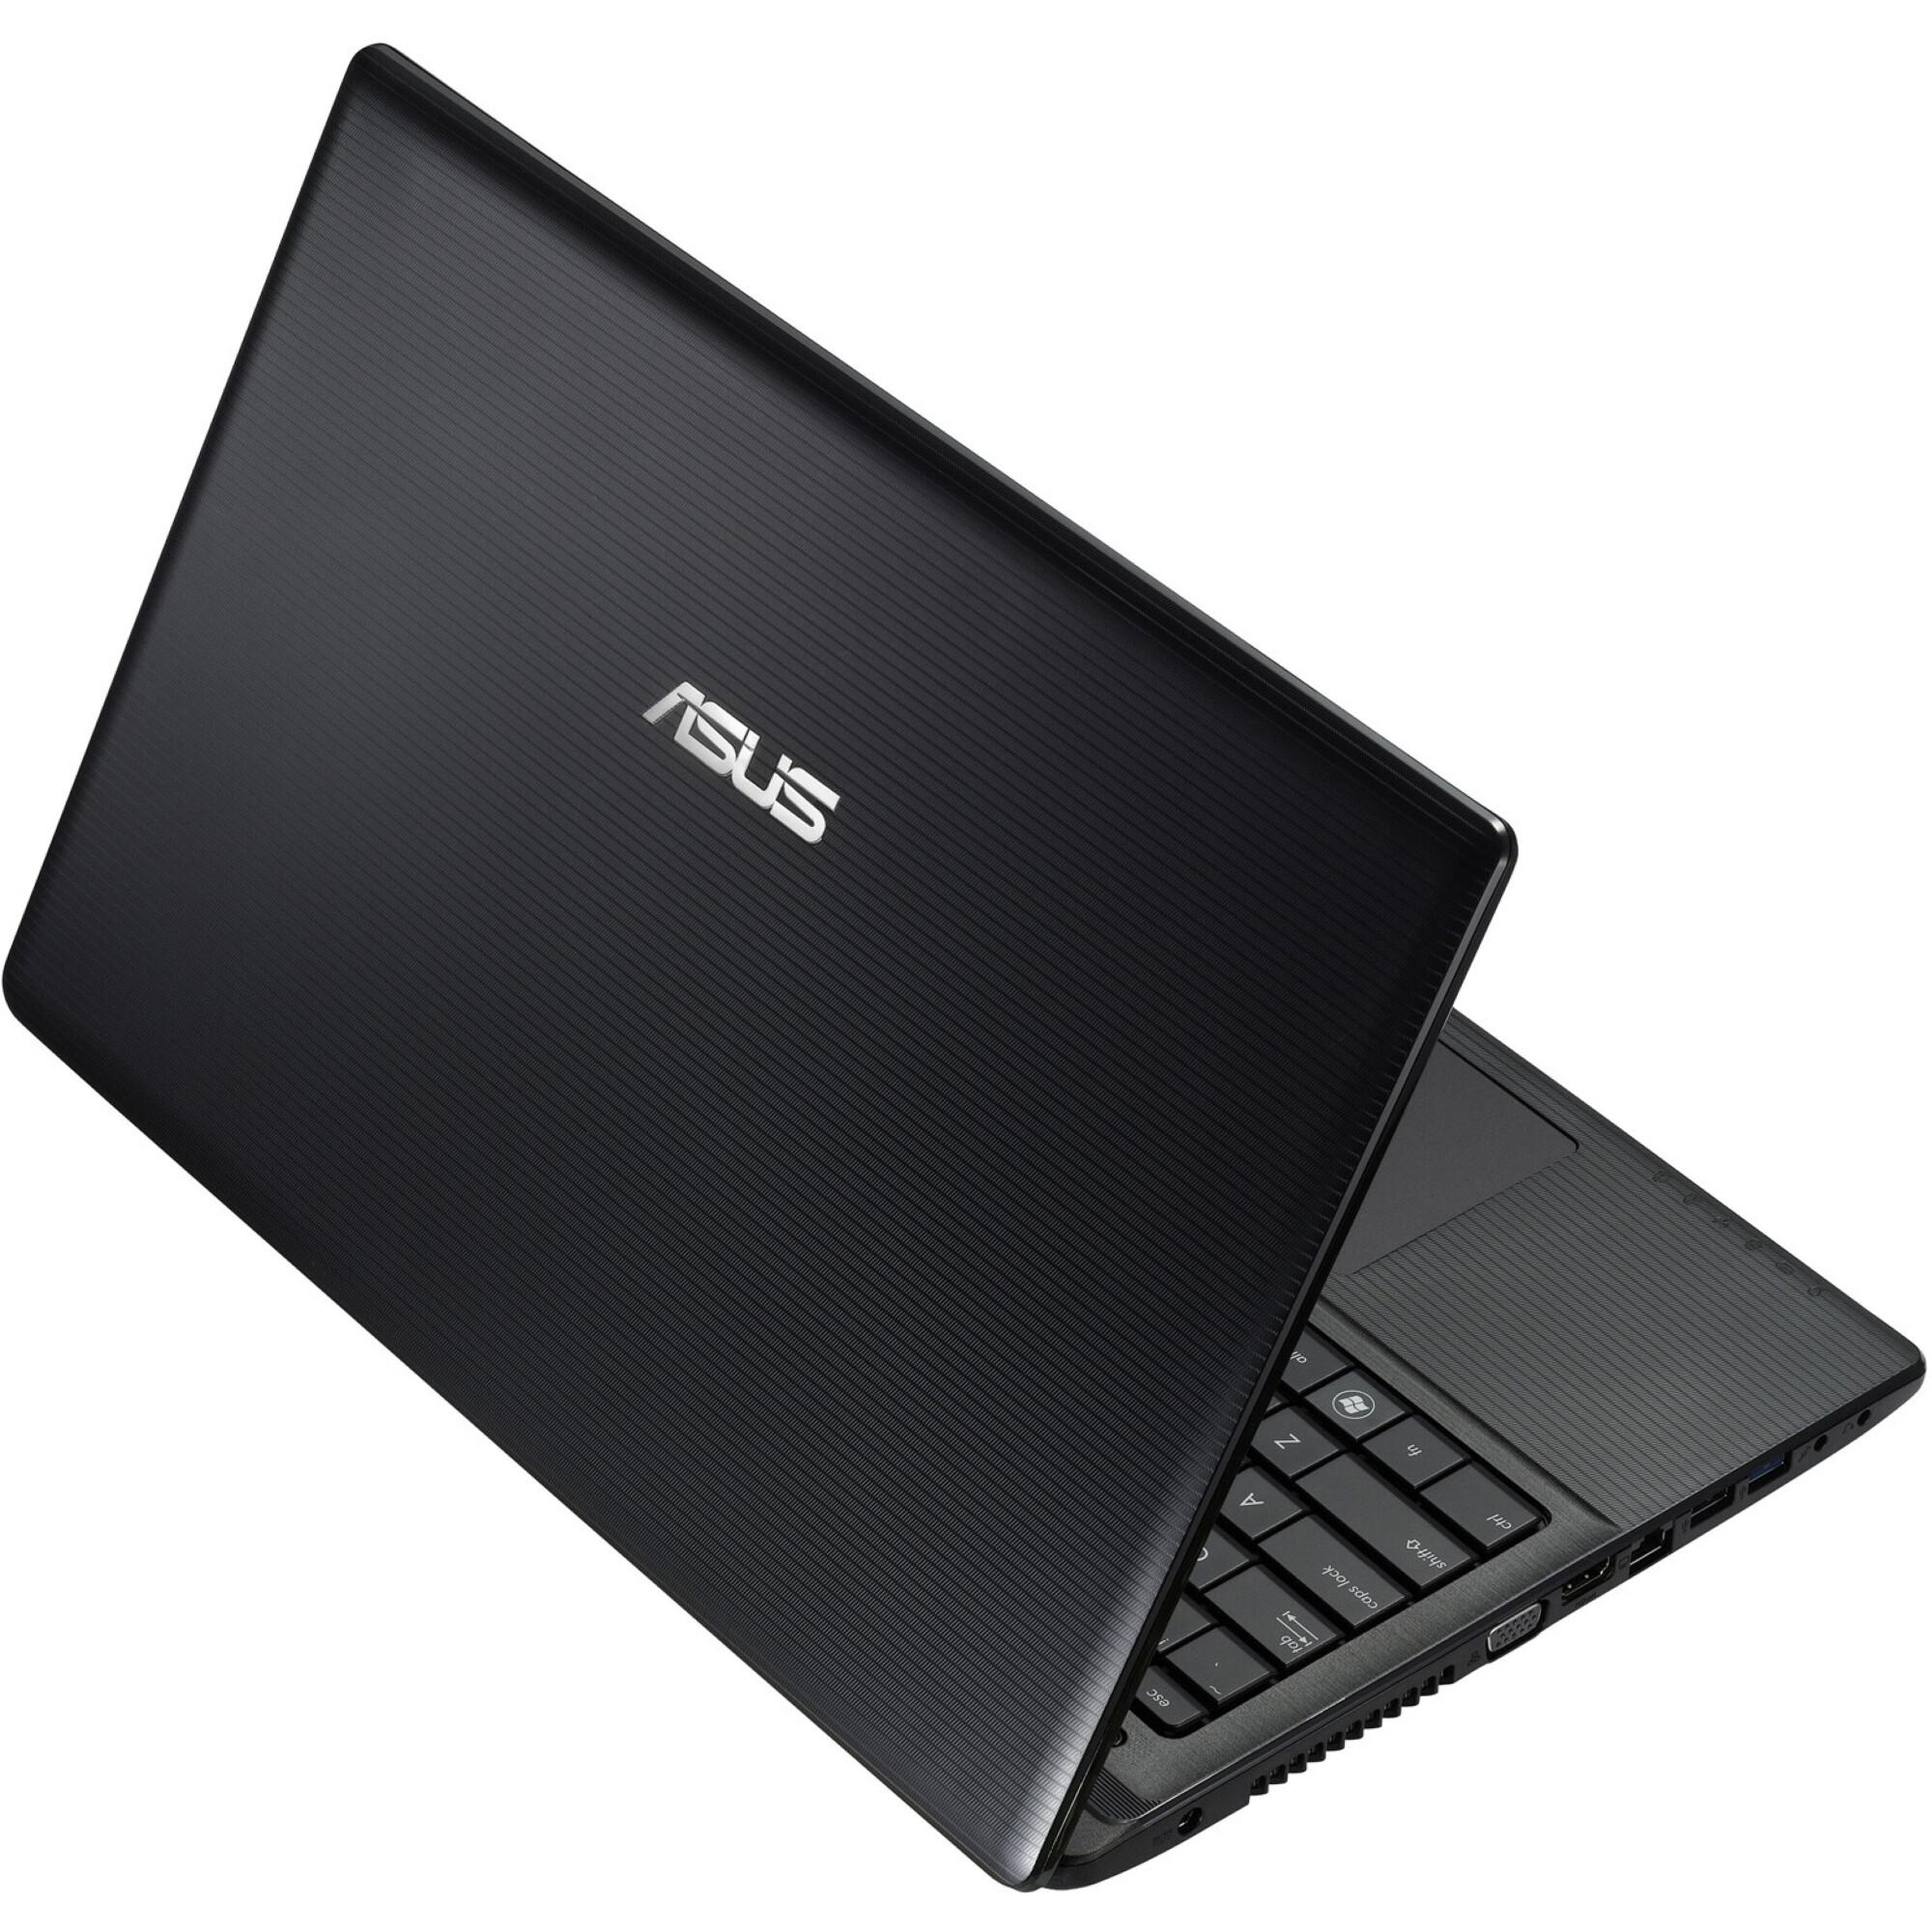 Asus x55u технические характеристики